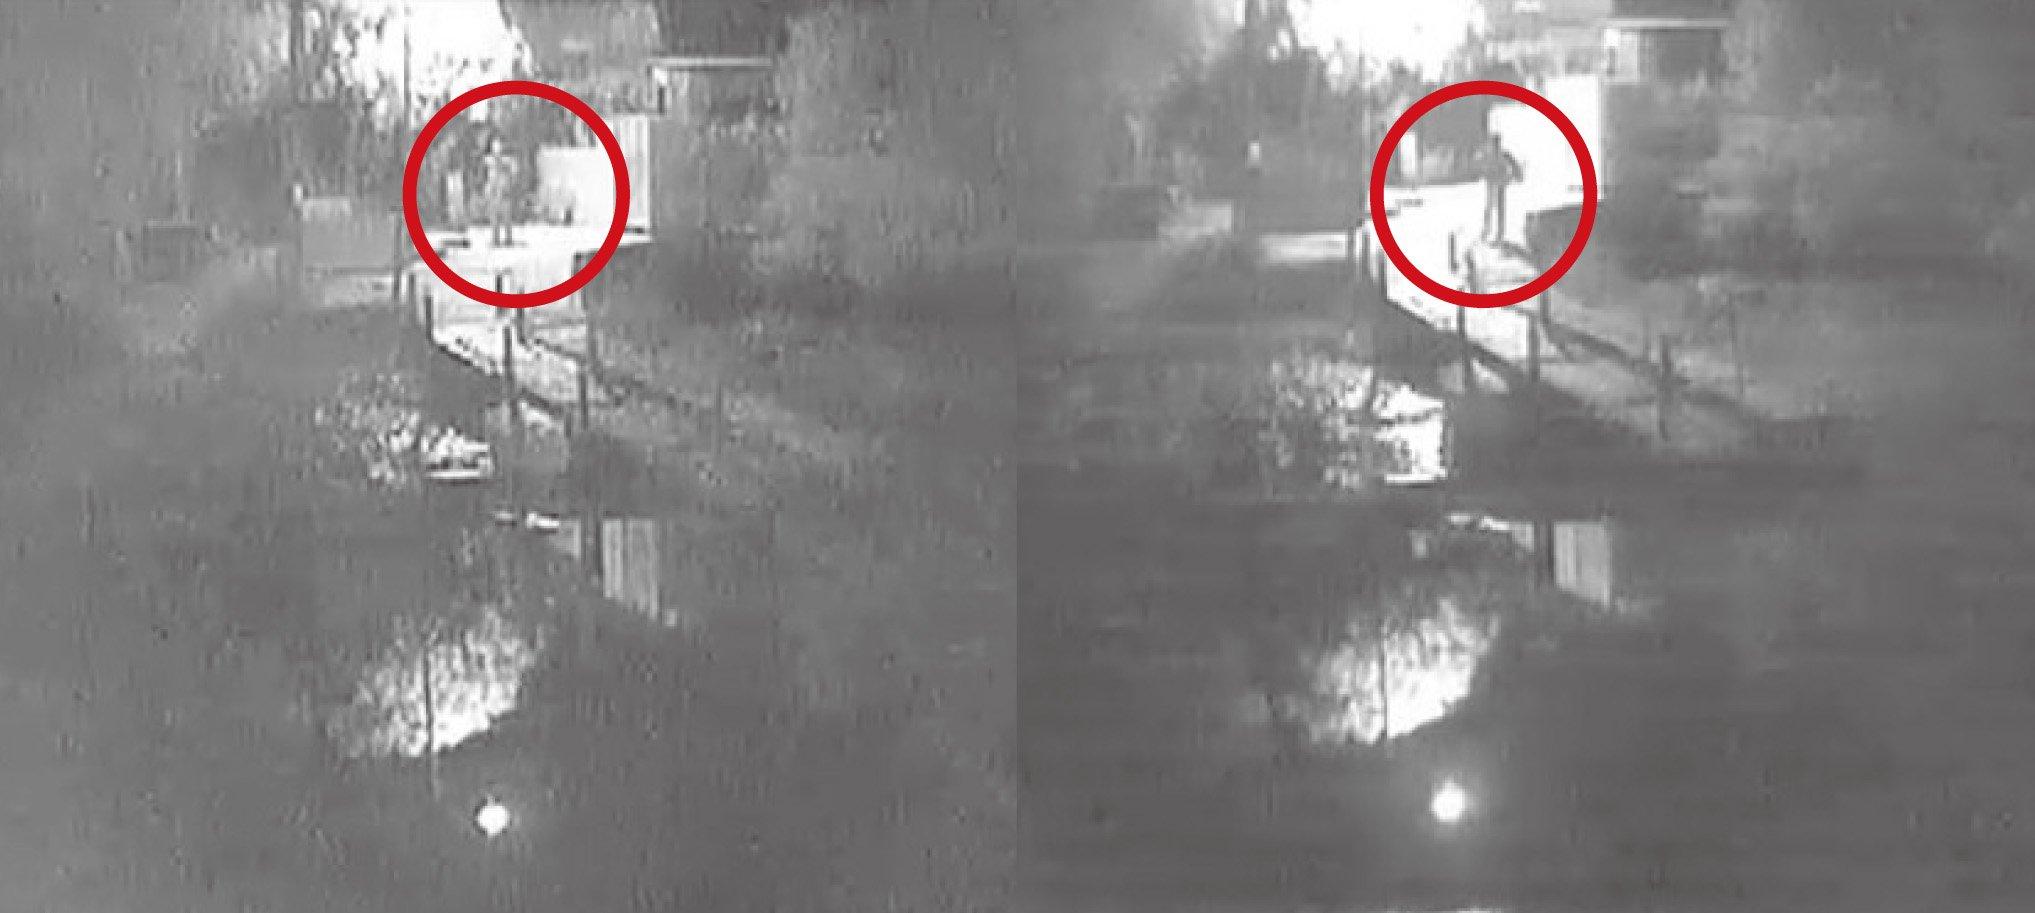 傳真社取得的閉路電視片段顯示,橫水渡碼頭本月2日發生縱火案期間,先後有兩人在場停留。(傳真社圖片)